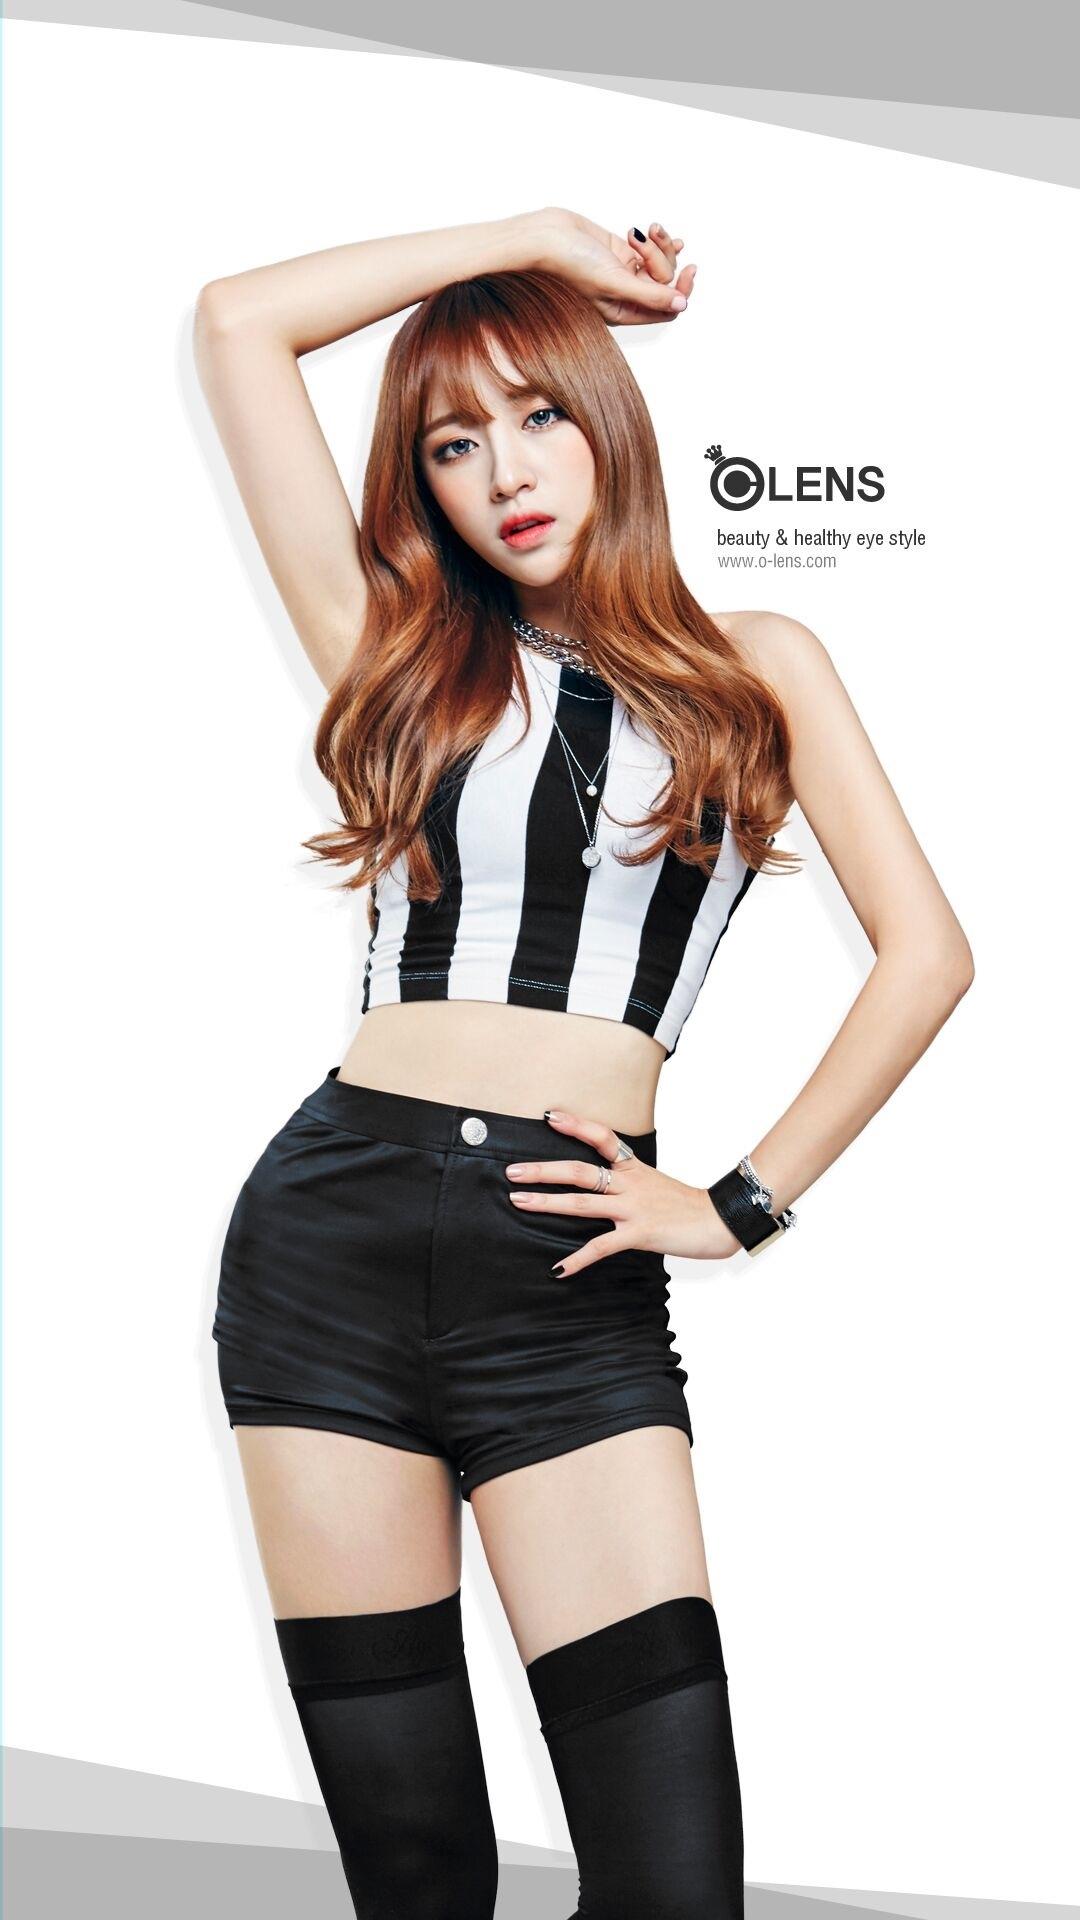 kpop wallpaper hd 2015